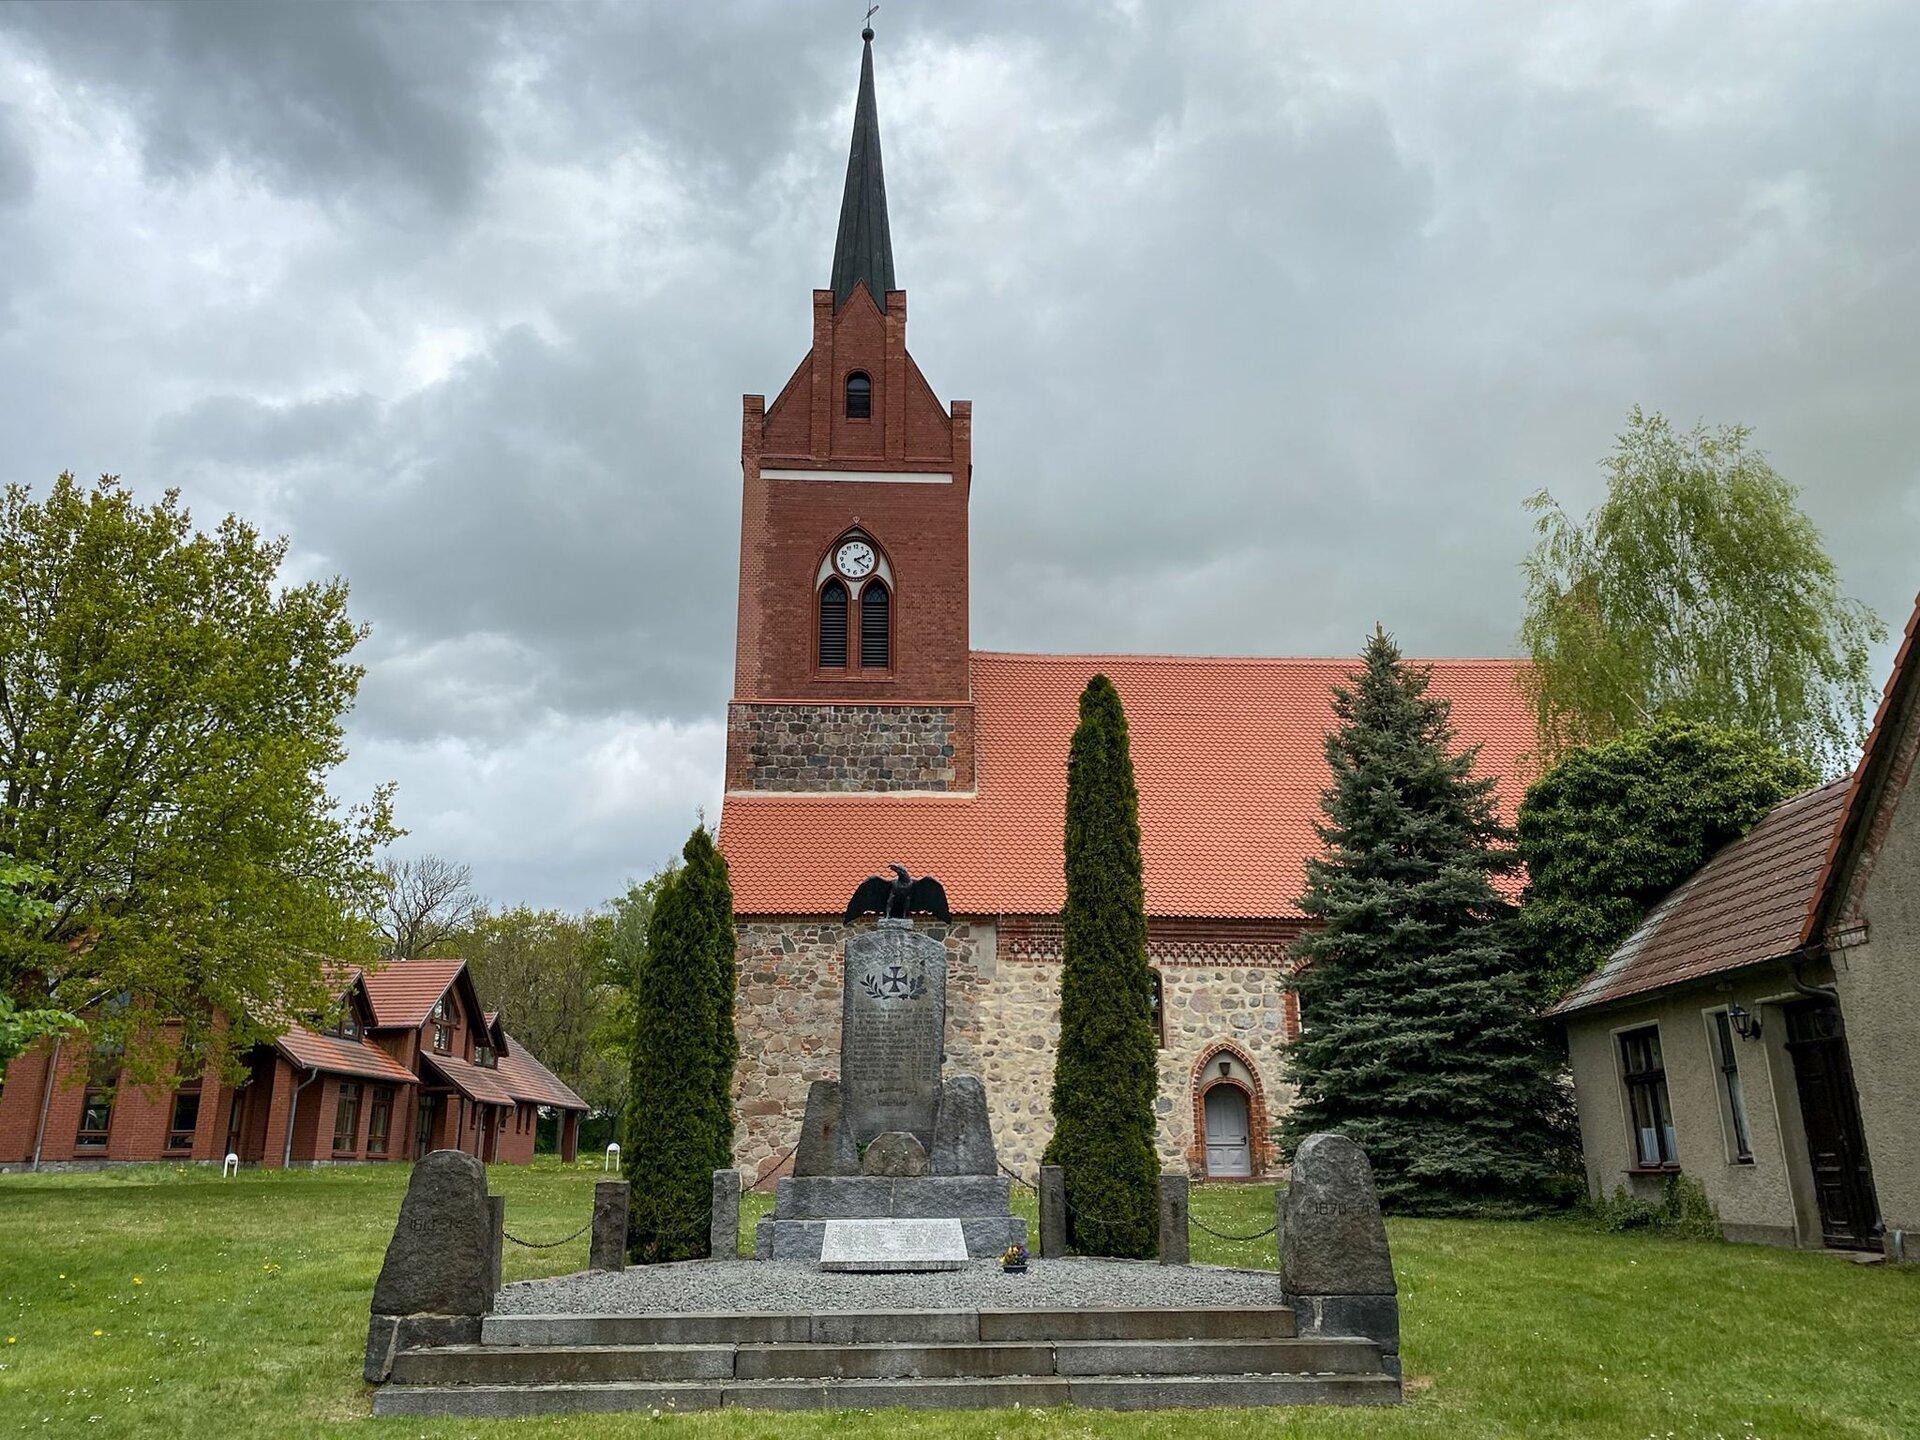 Falkenhagen, an der Kirche: Denkmal für die Gefallenen der Befreiungskriege (1813), des Deutsch-Französischen Kriegs (1870-1871), des Ersten und Zweiten Weltkriegs